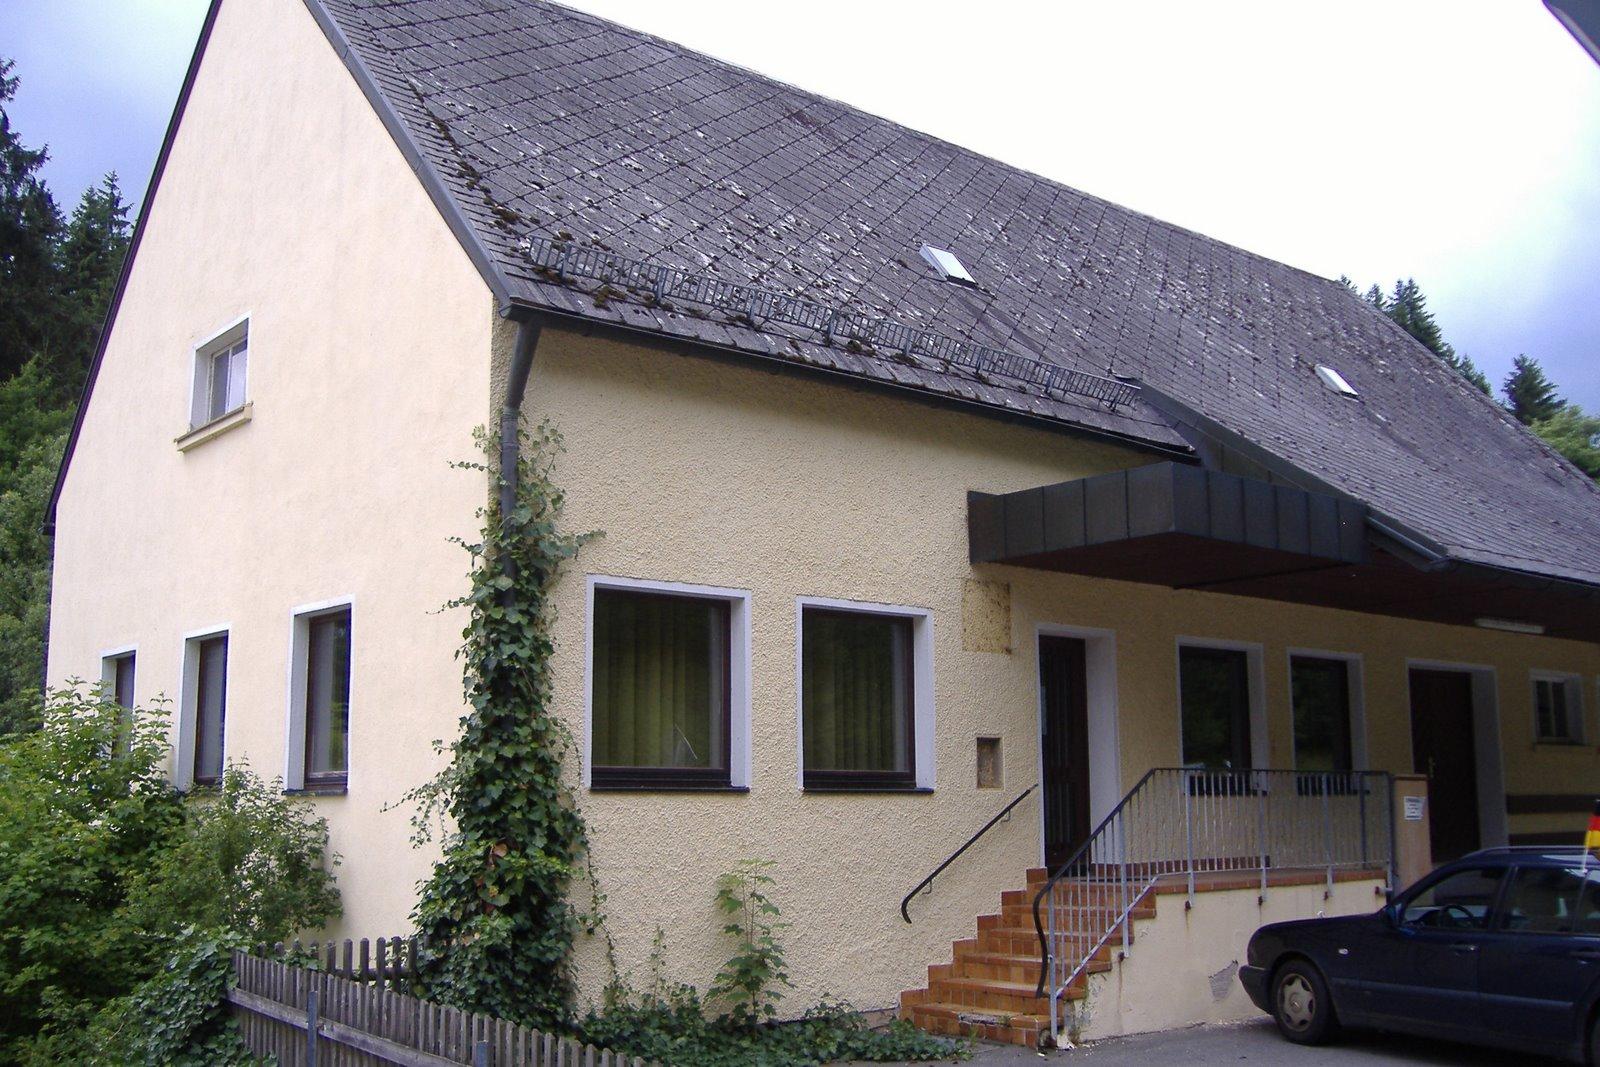 Haus in bayern wohnen in einem lager werkstatt bayern haus for Regensburg wohnung mieten